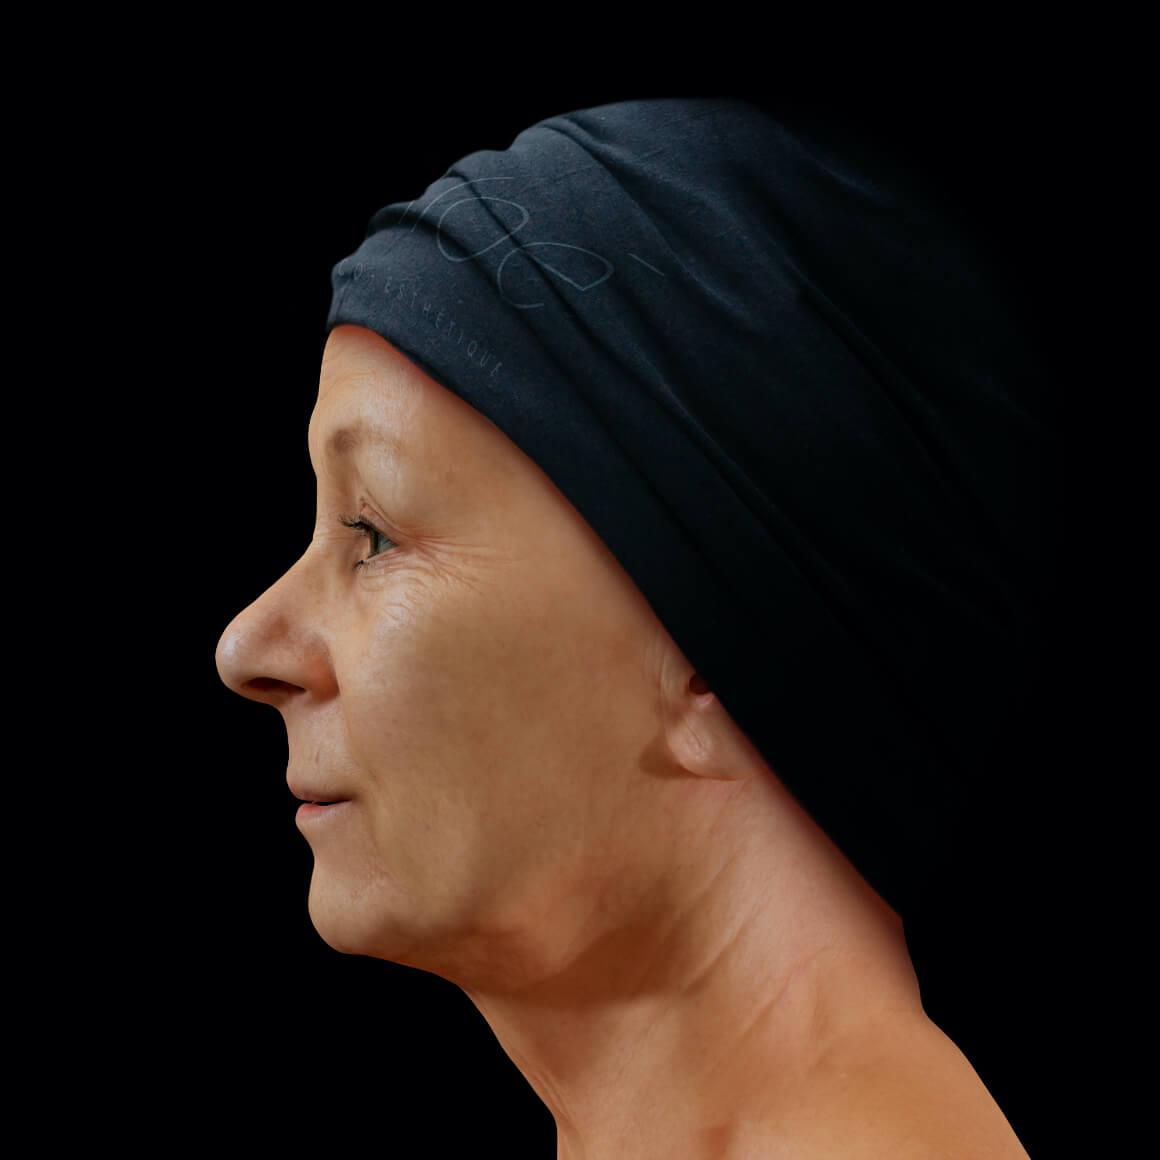 Femme patiente à la Clinique Chloé positionnée de côté démontrant des rides et ridules au niveau du visage